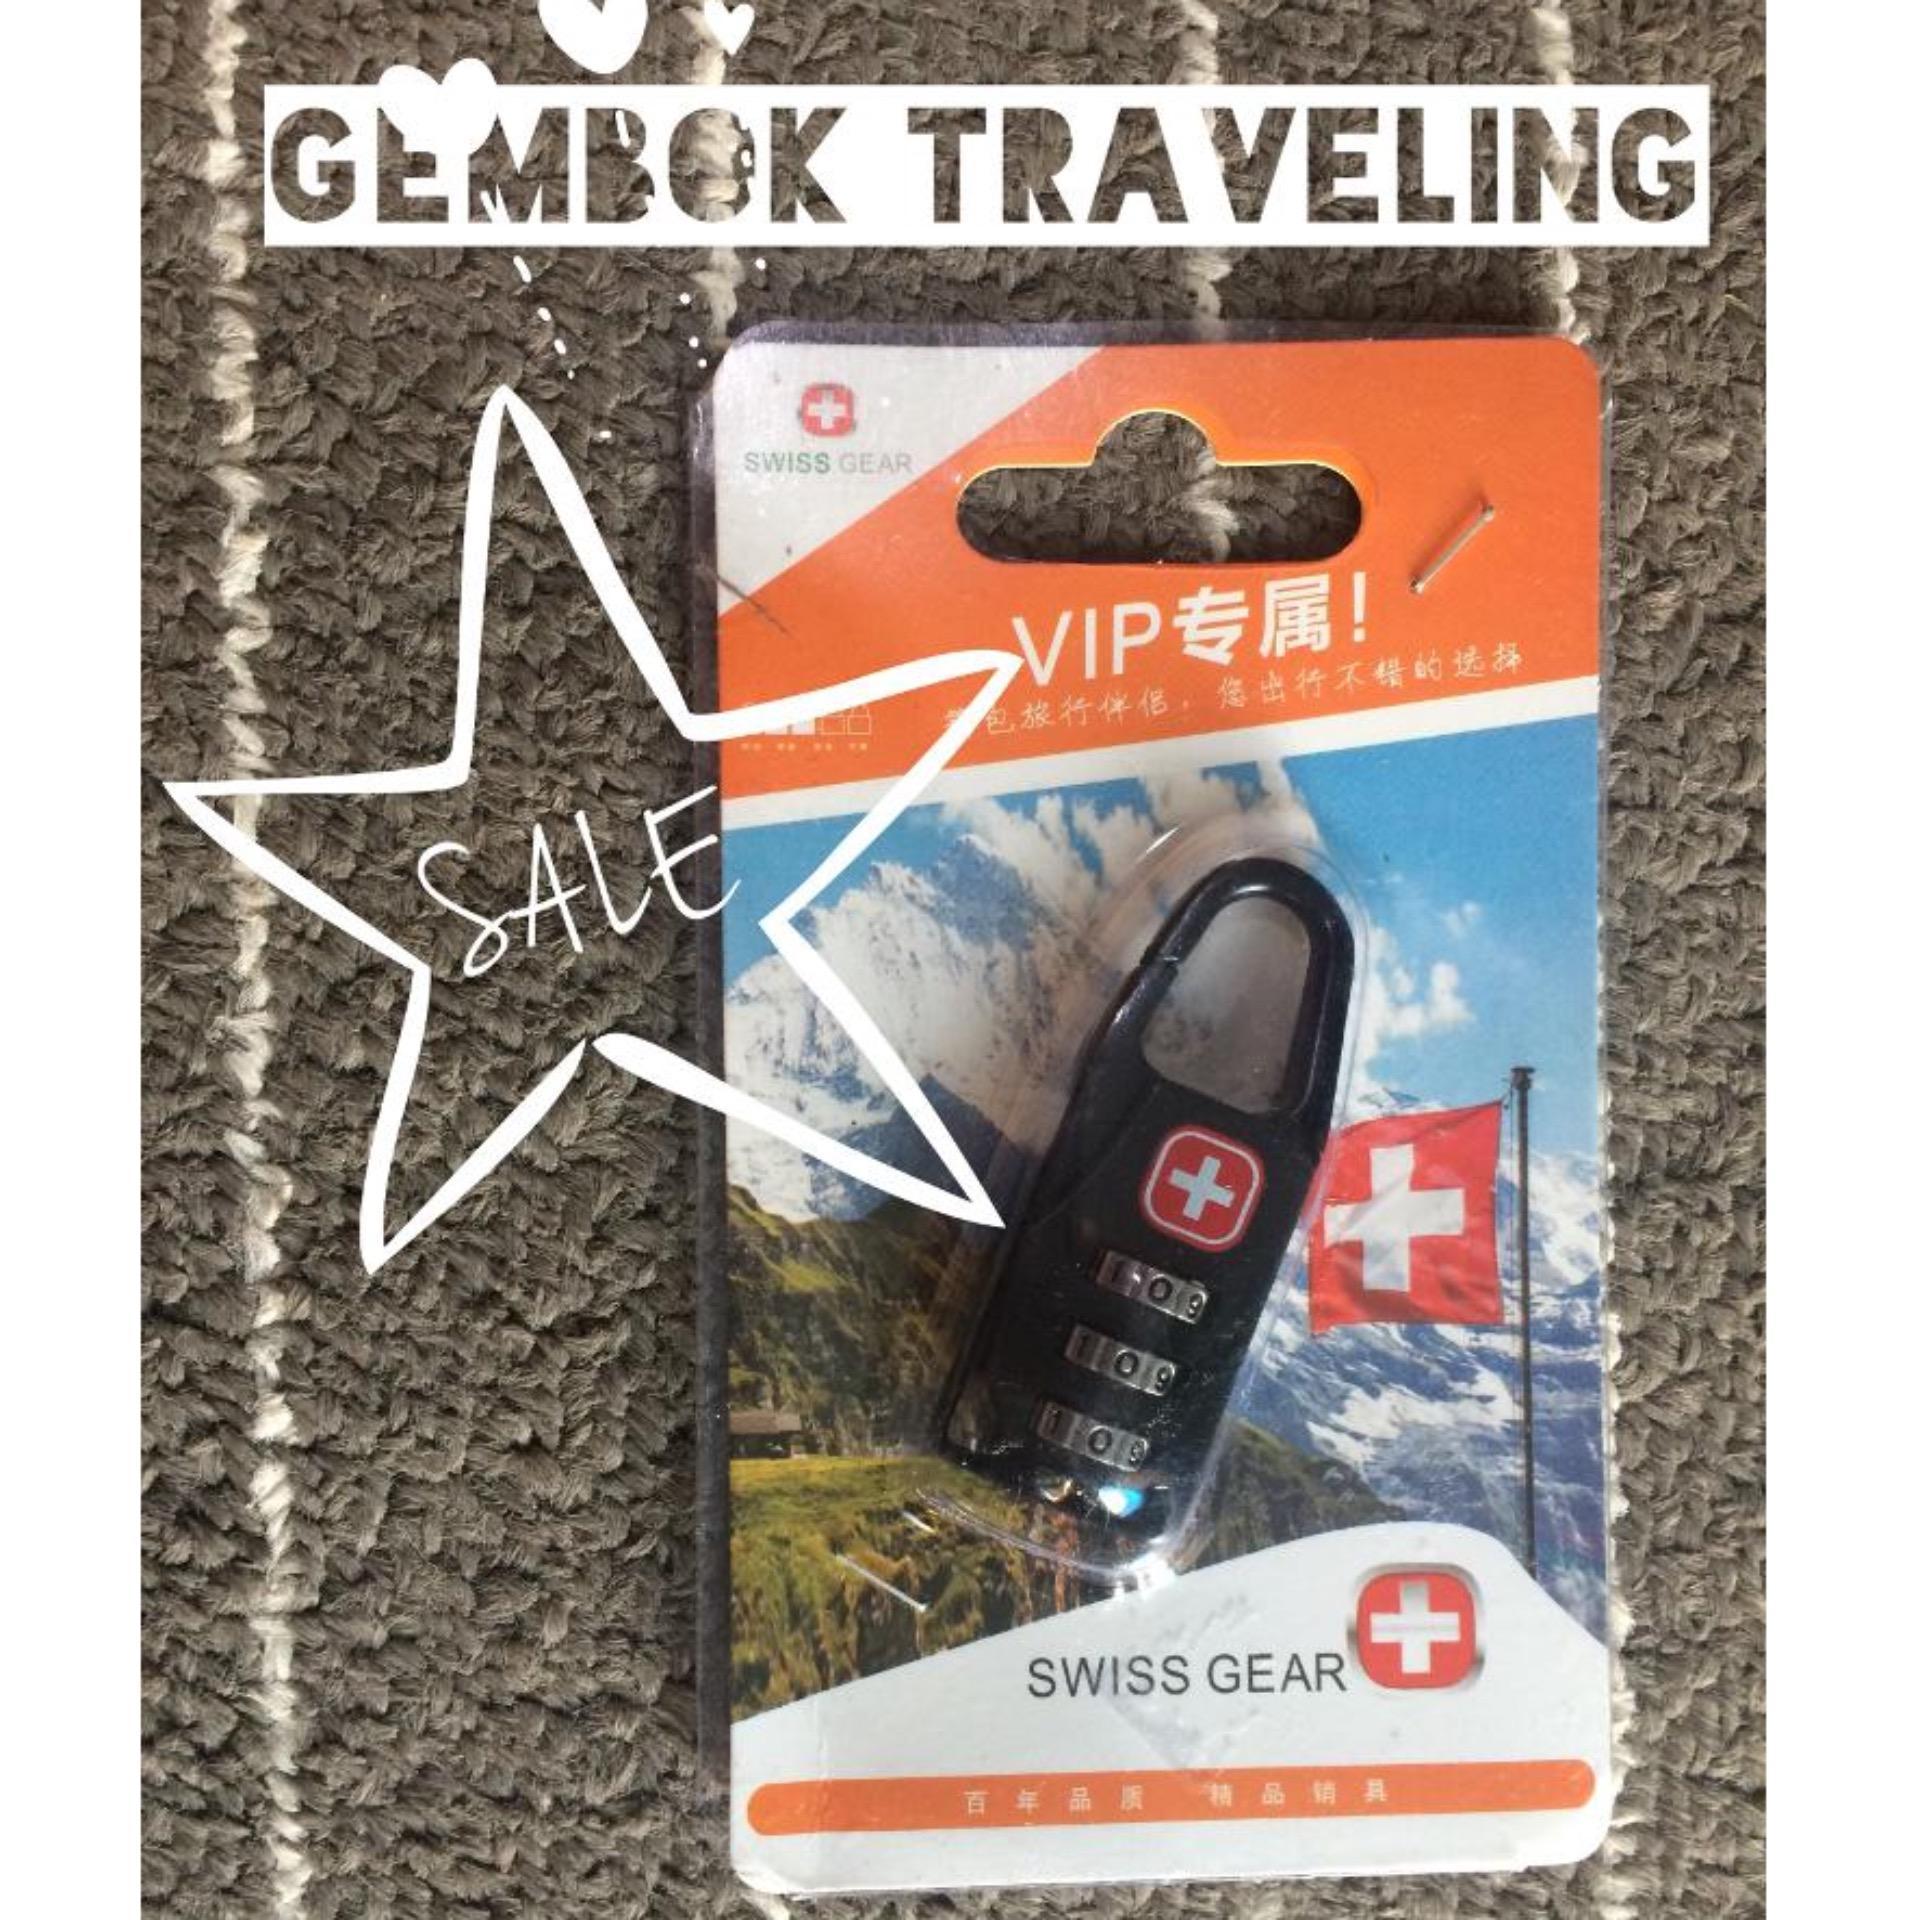 Swiss Gear Gembok untuk traveling dengan Lock kode Kombinasi